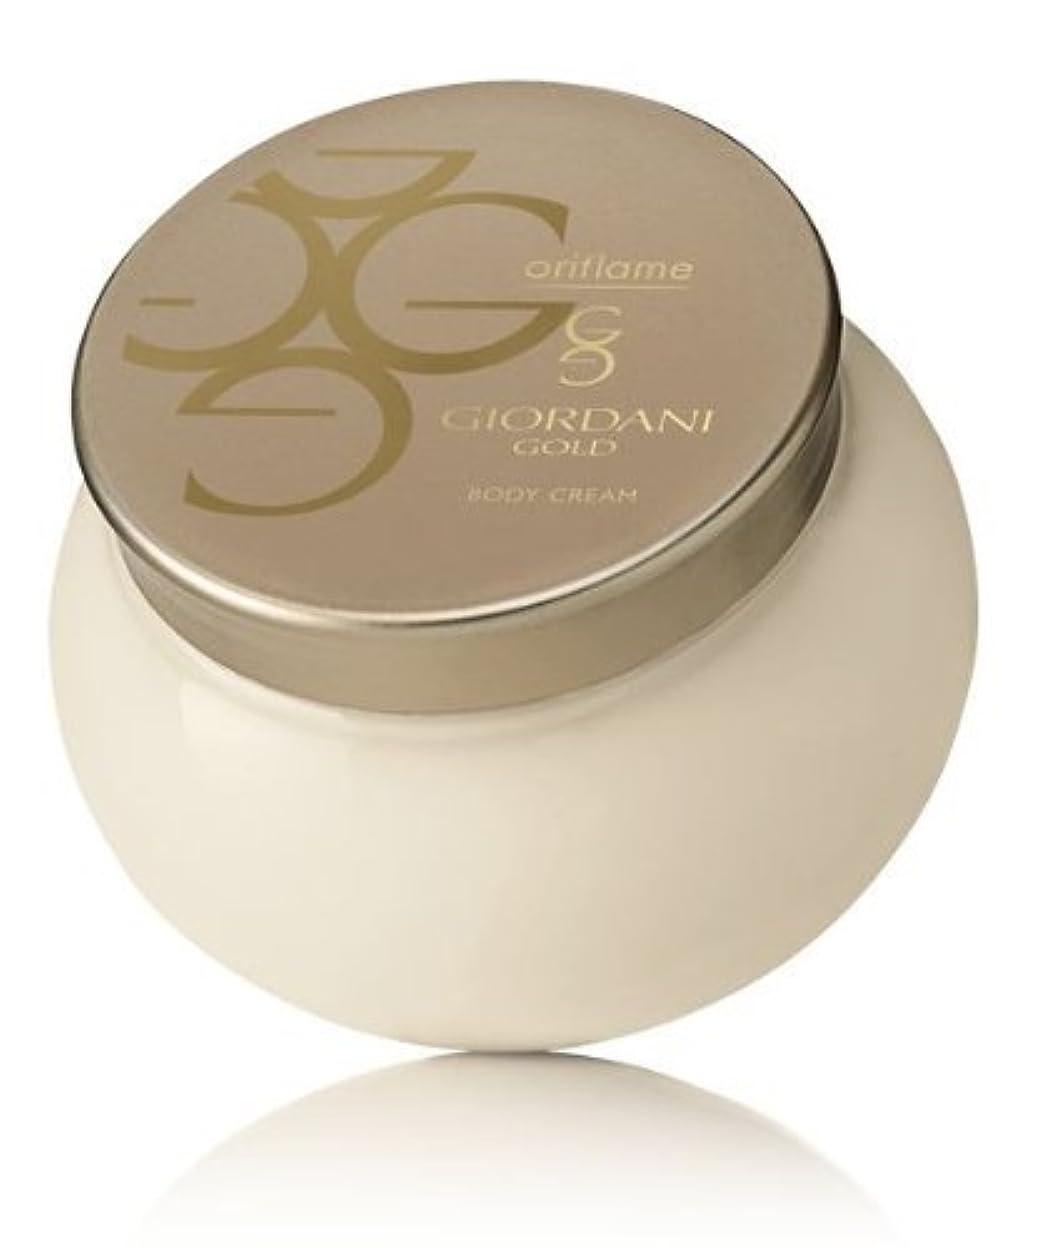 ベイビースクランブルビリーGiordani Gold Body Cream by Oriflame